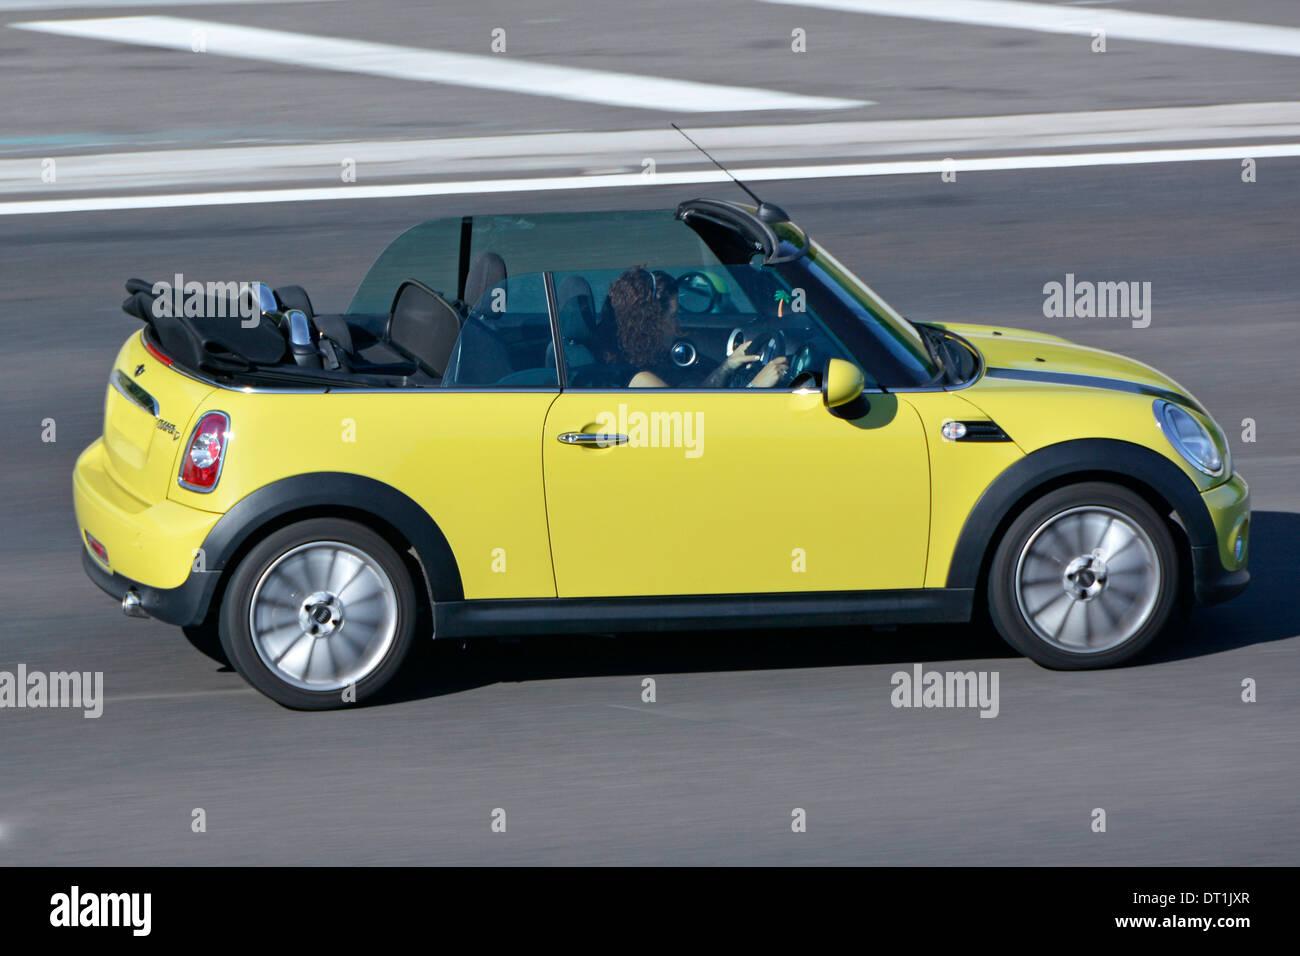 Dos puertas BMW Mini Cooper descapotable coche convertible con la mujer la conducción en autopista autopista M25 Essex, Inglaterra Imagen De Stock